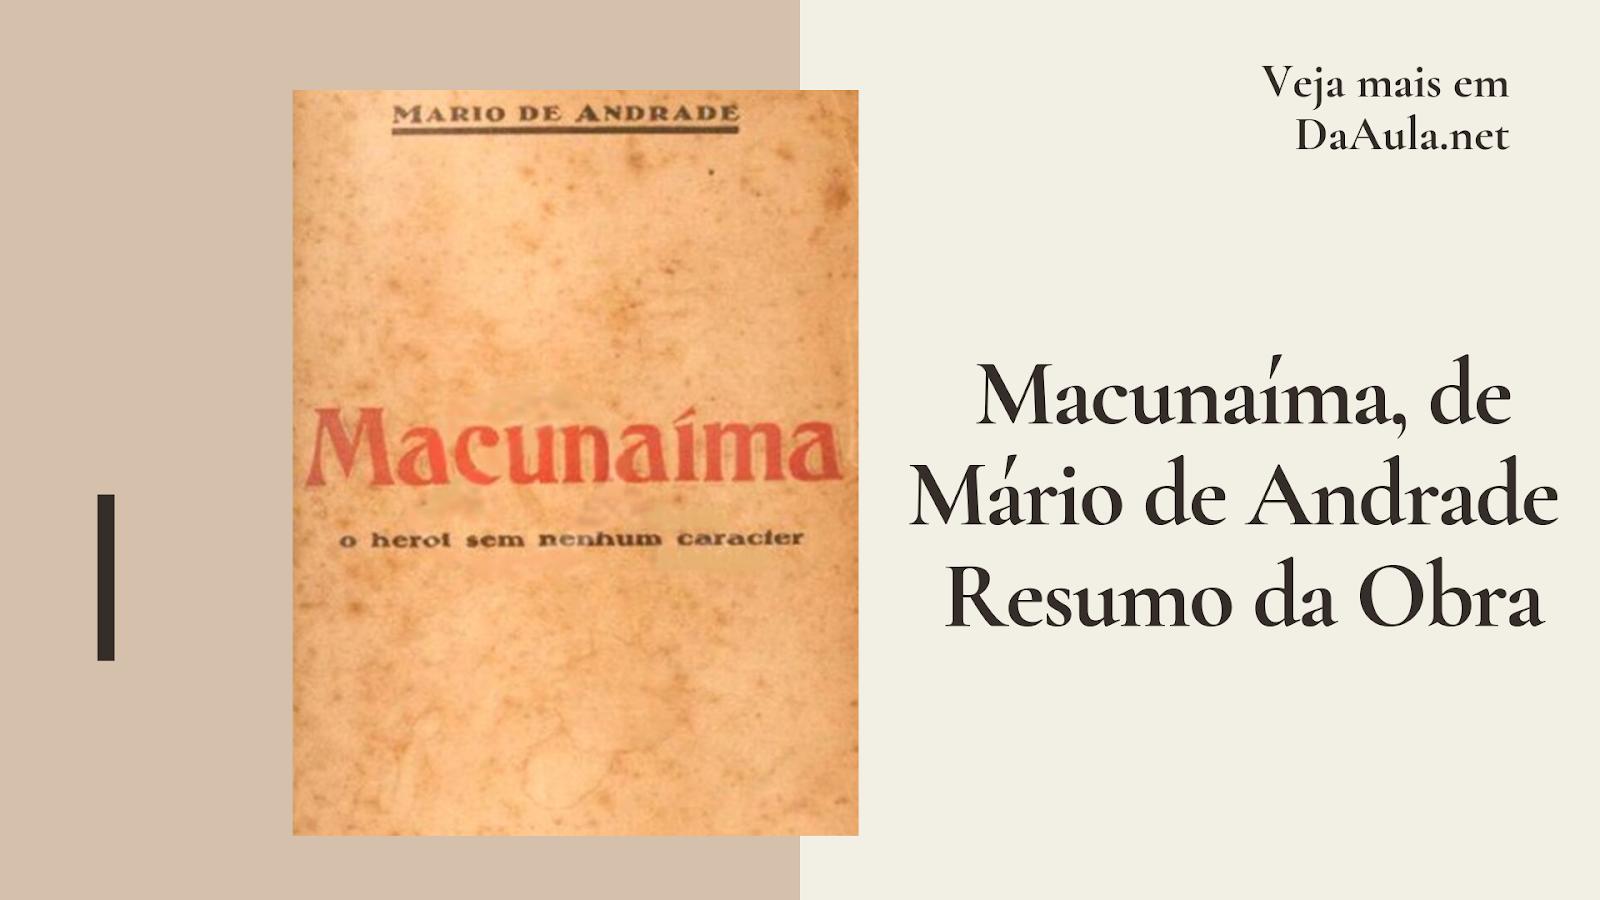 Macunaíma, de Mário de Andrade - Resumo da Obra